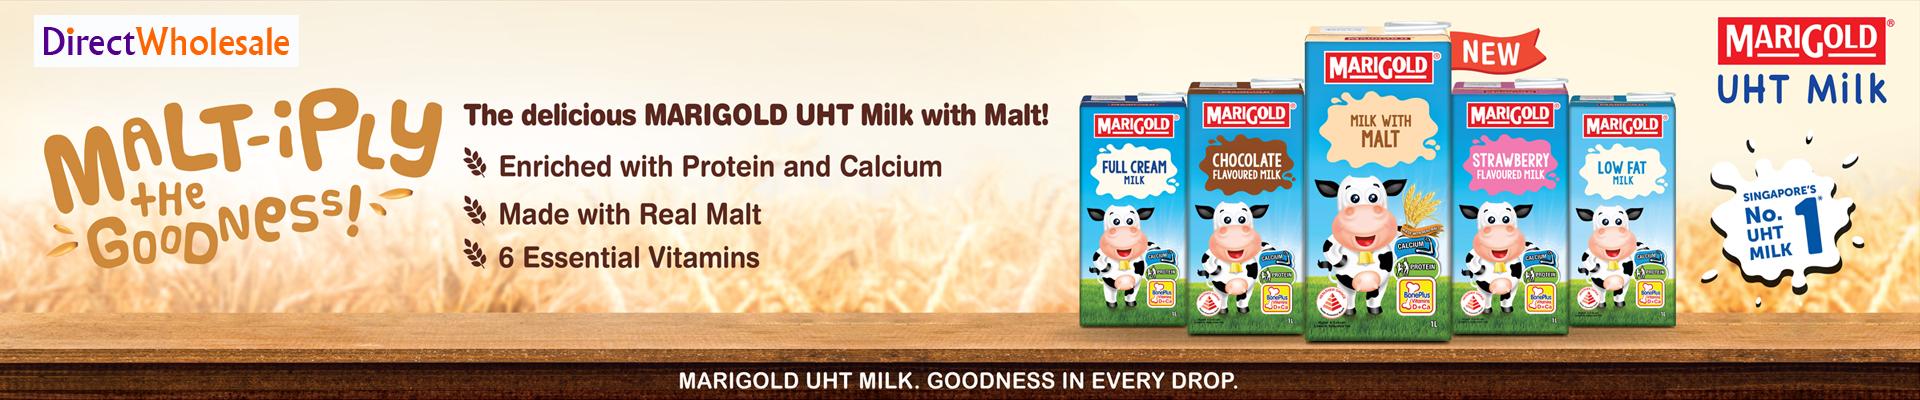 Online Wholesale UHT Milk, Milk Drinks & Powder in SG